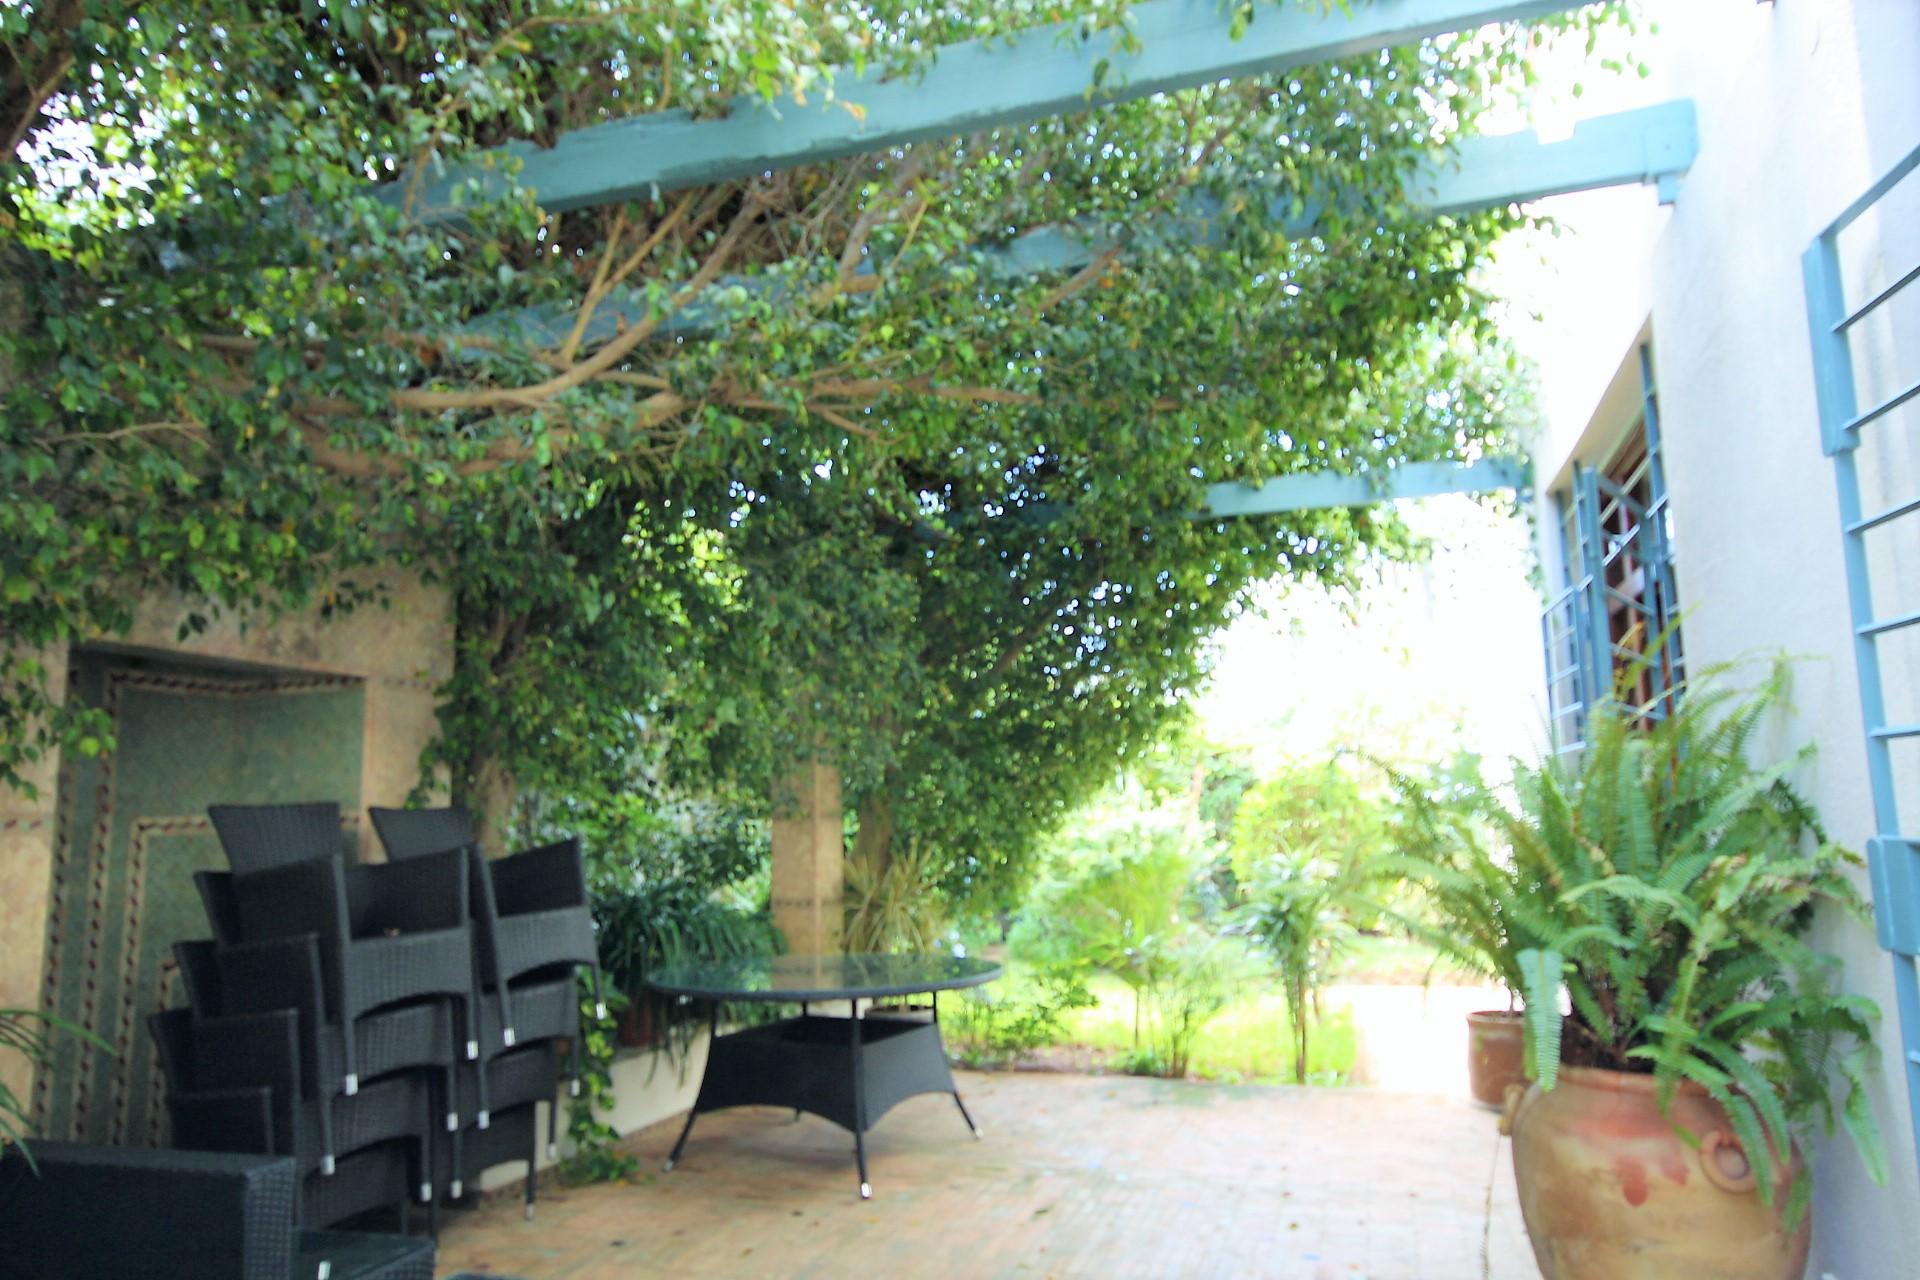 Maroc, Casablanca, CIL, a loue splendide villa de 4 chambres semi-meublé sur 498 m²